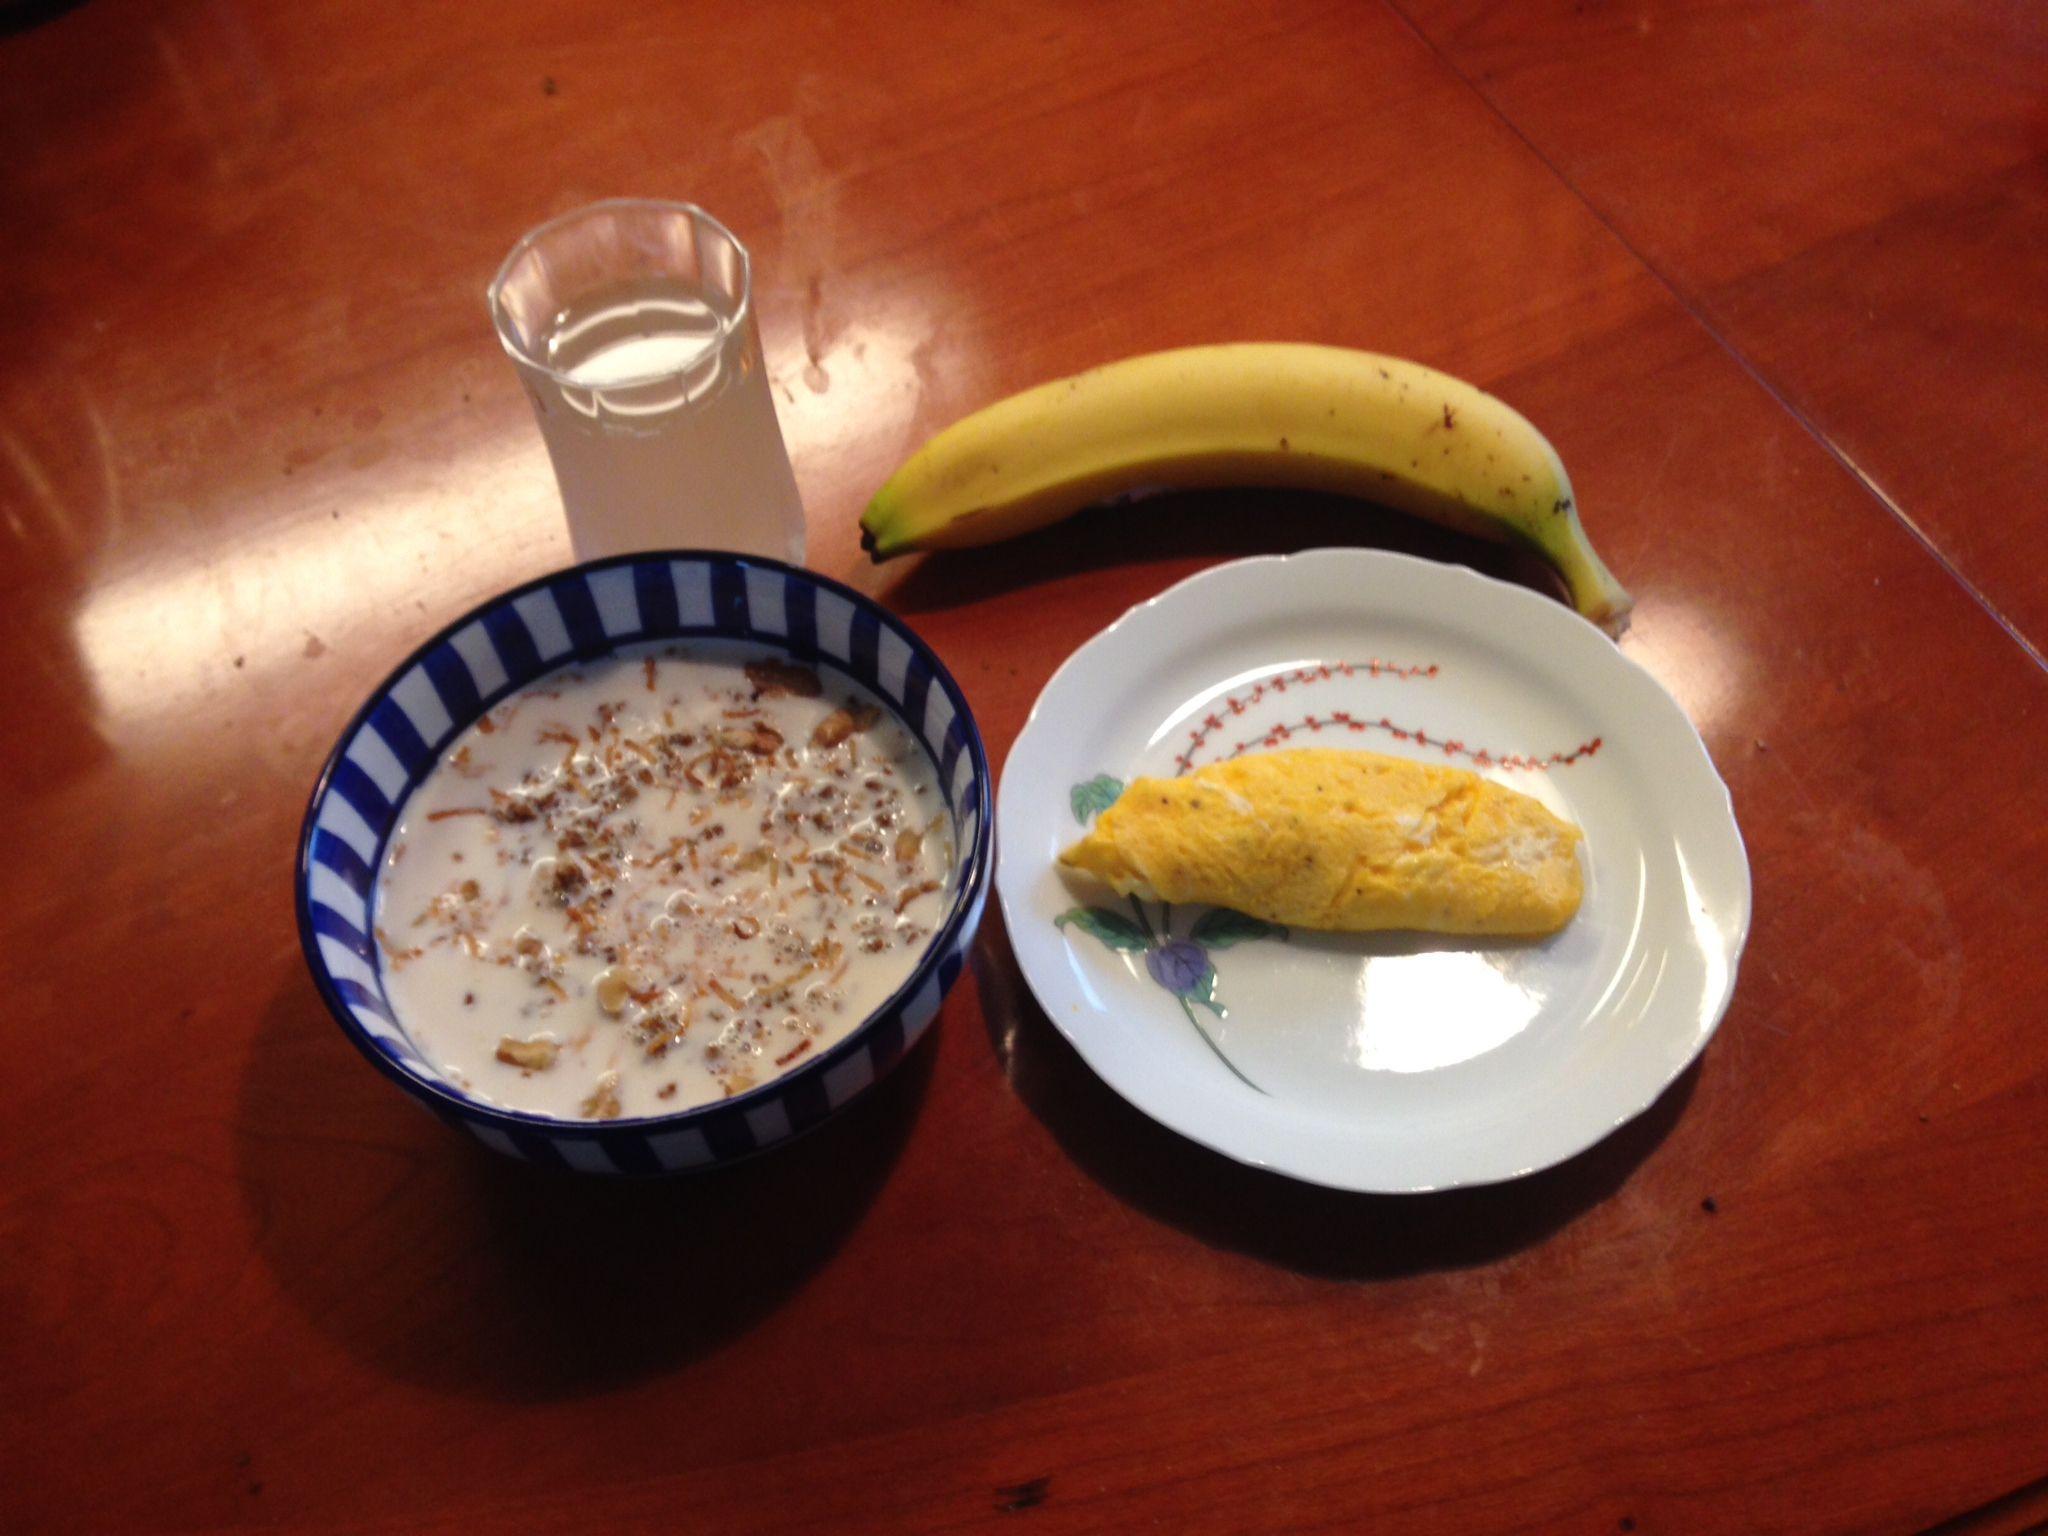 My usual breakfast.